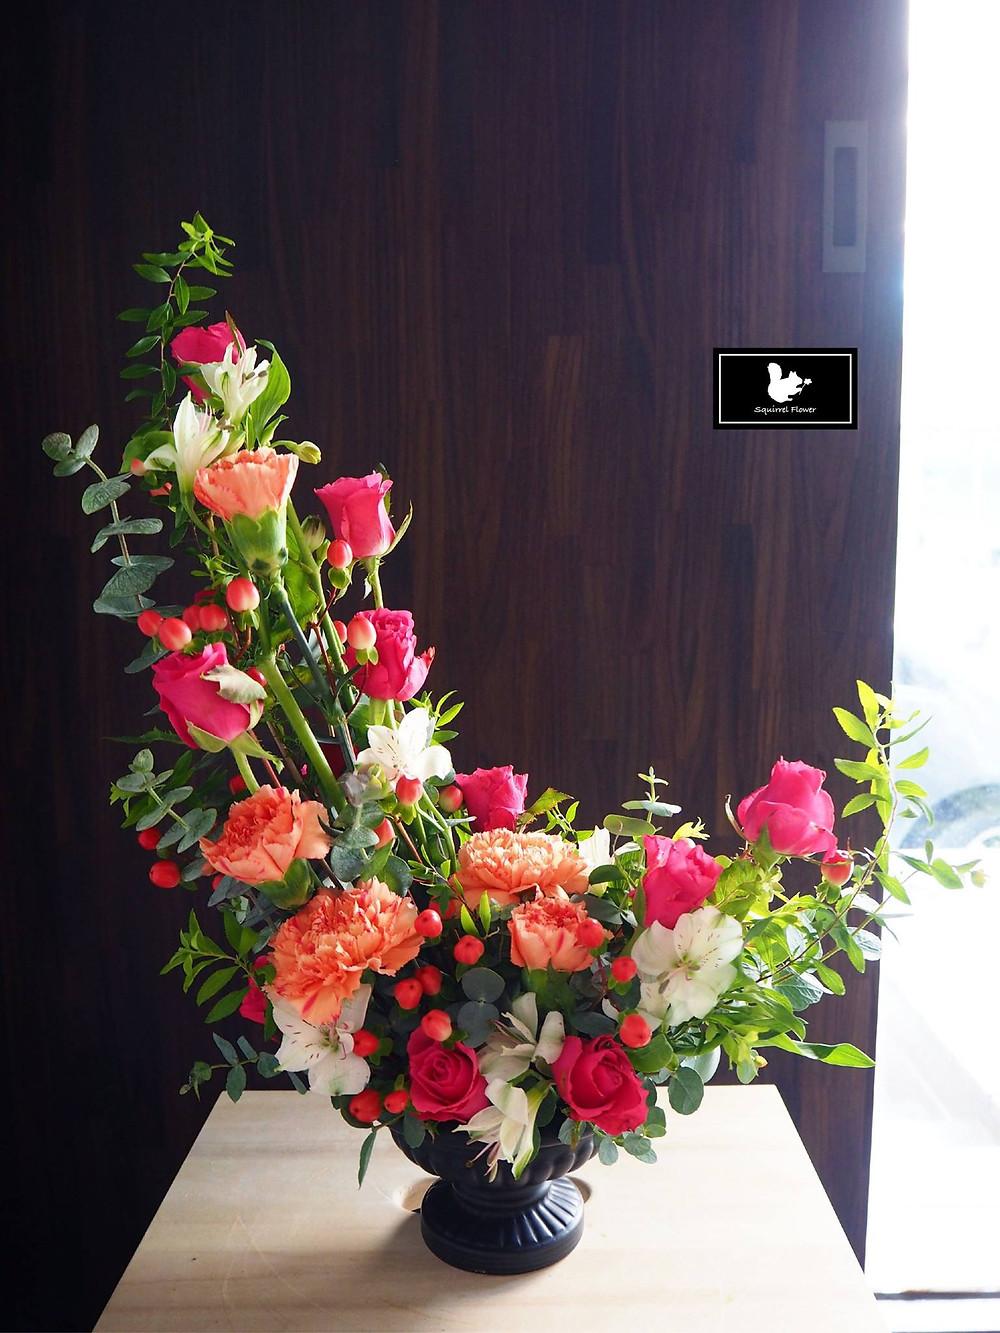 鮮花盆花;上月眉